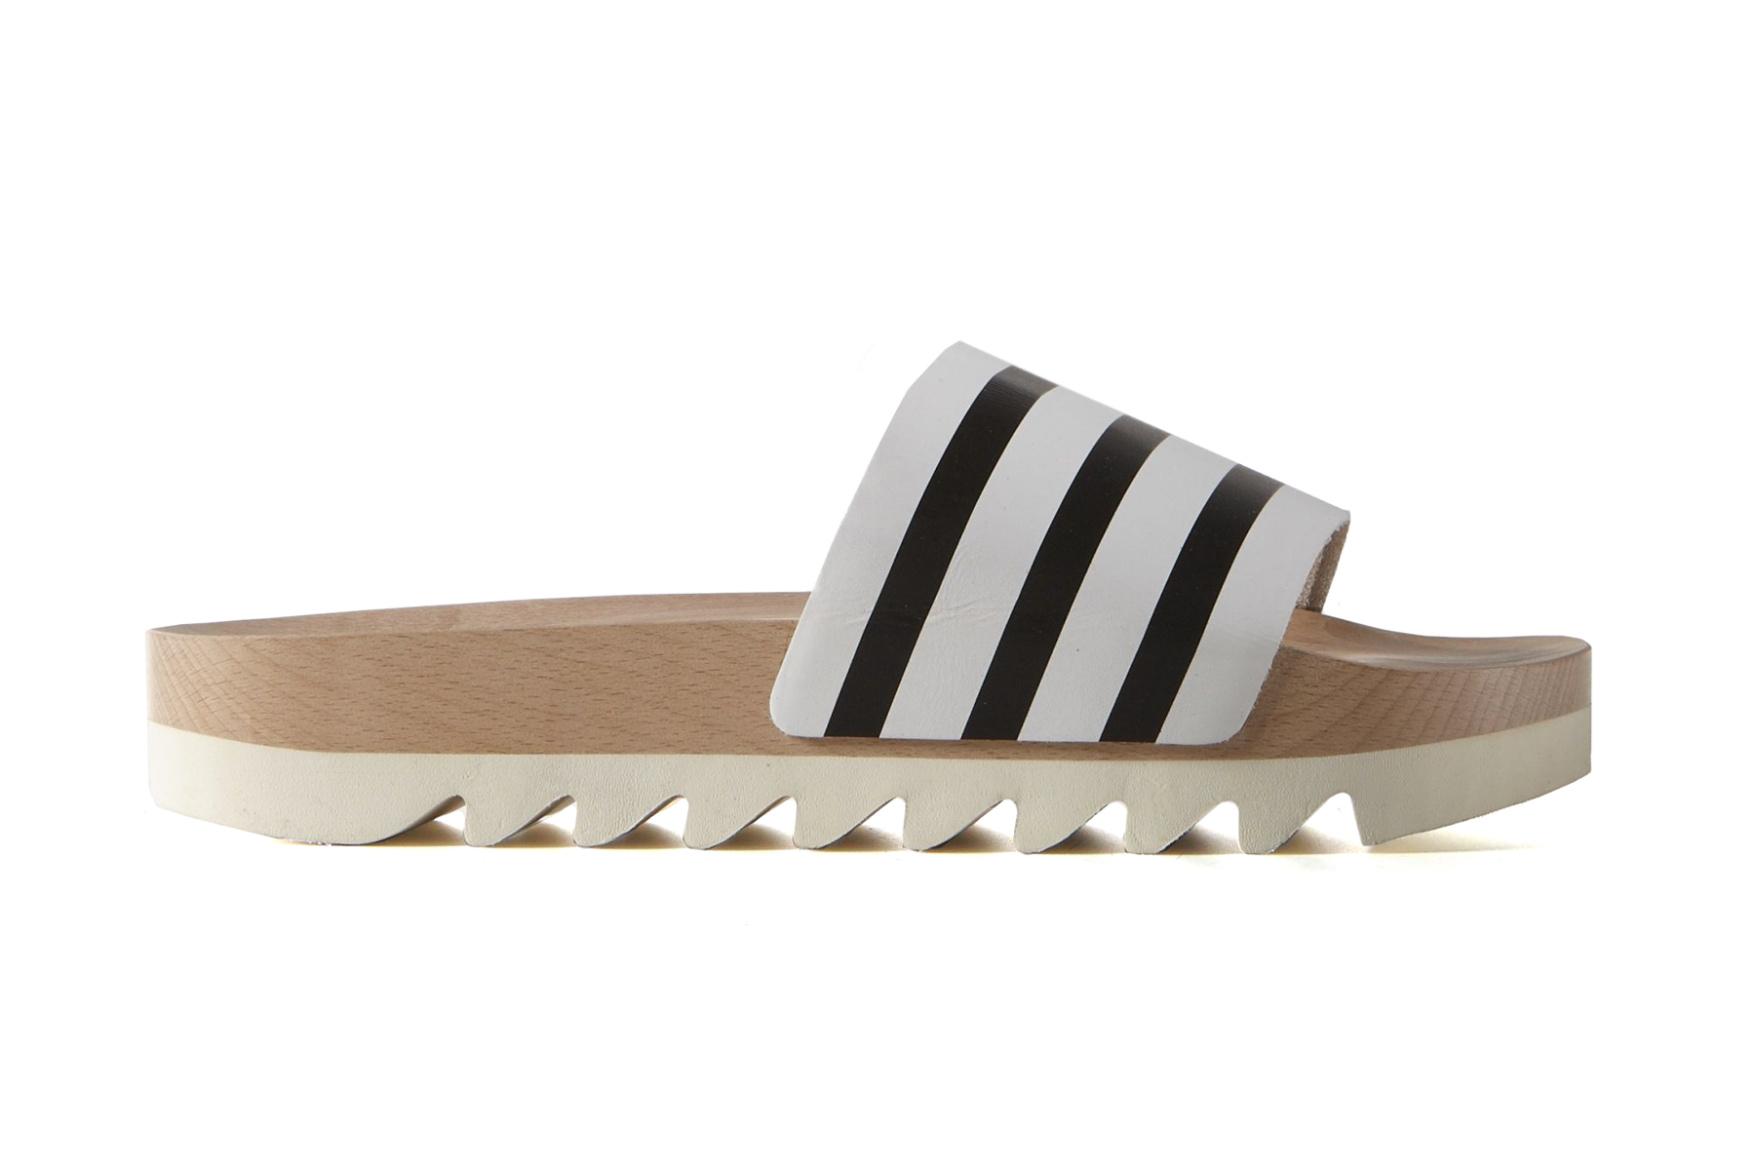 PAUSE Loves: adidas Adilette Wood Slides